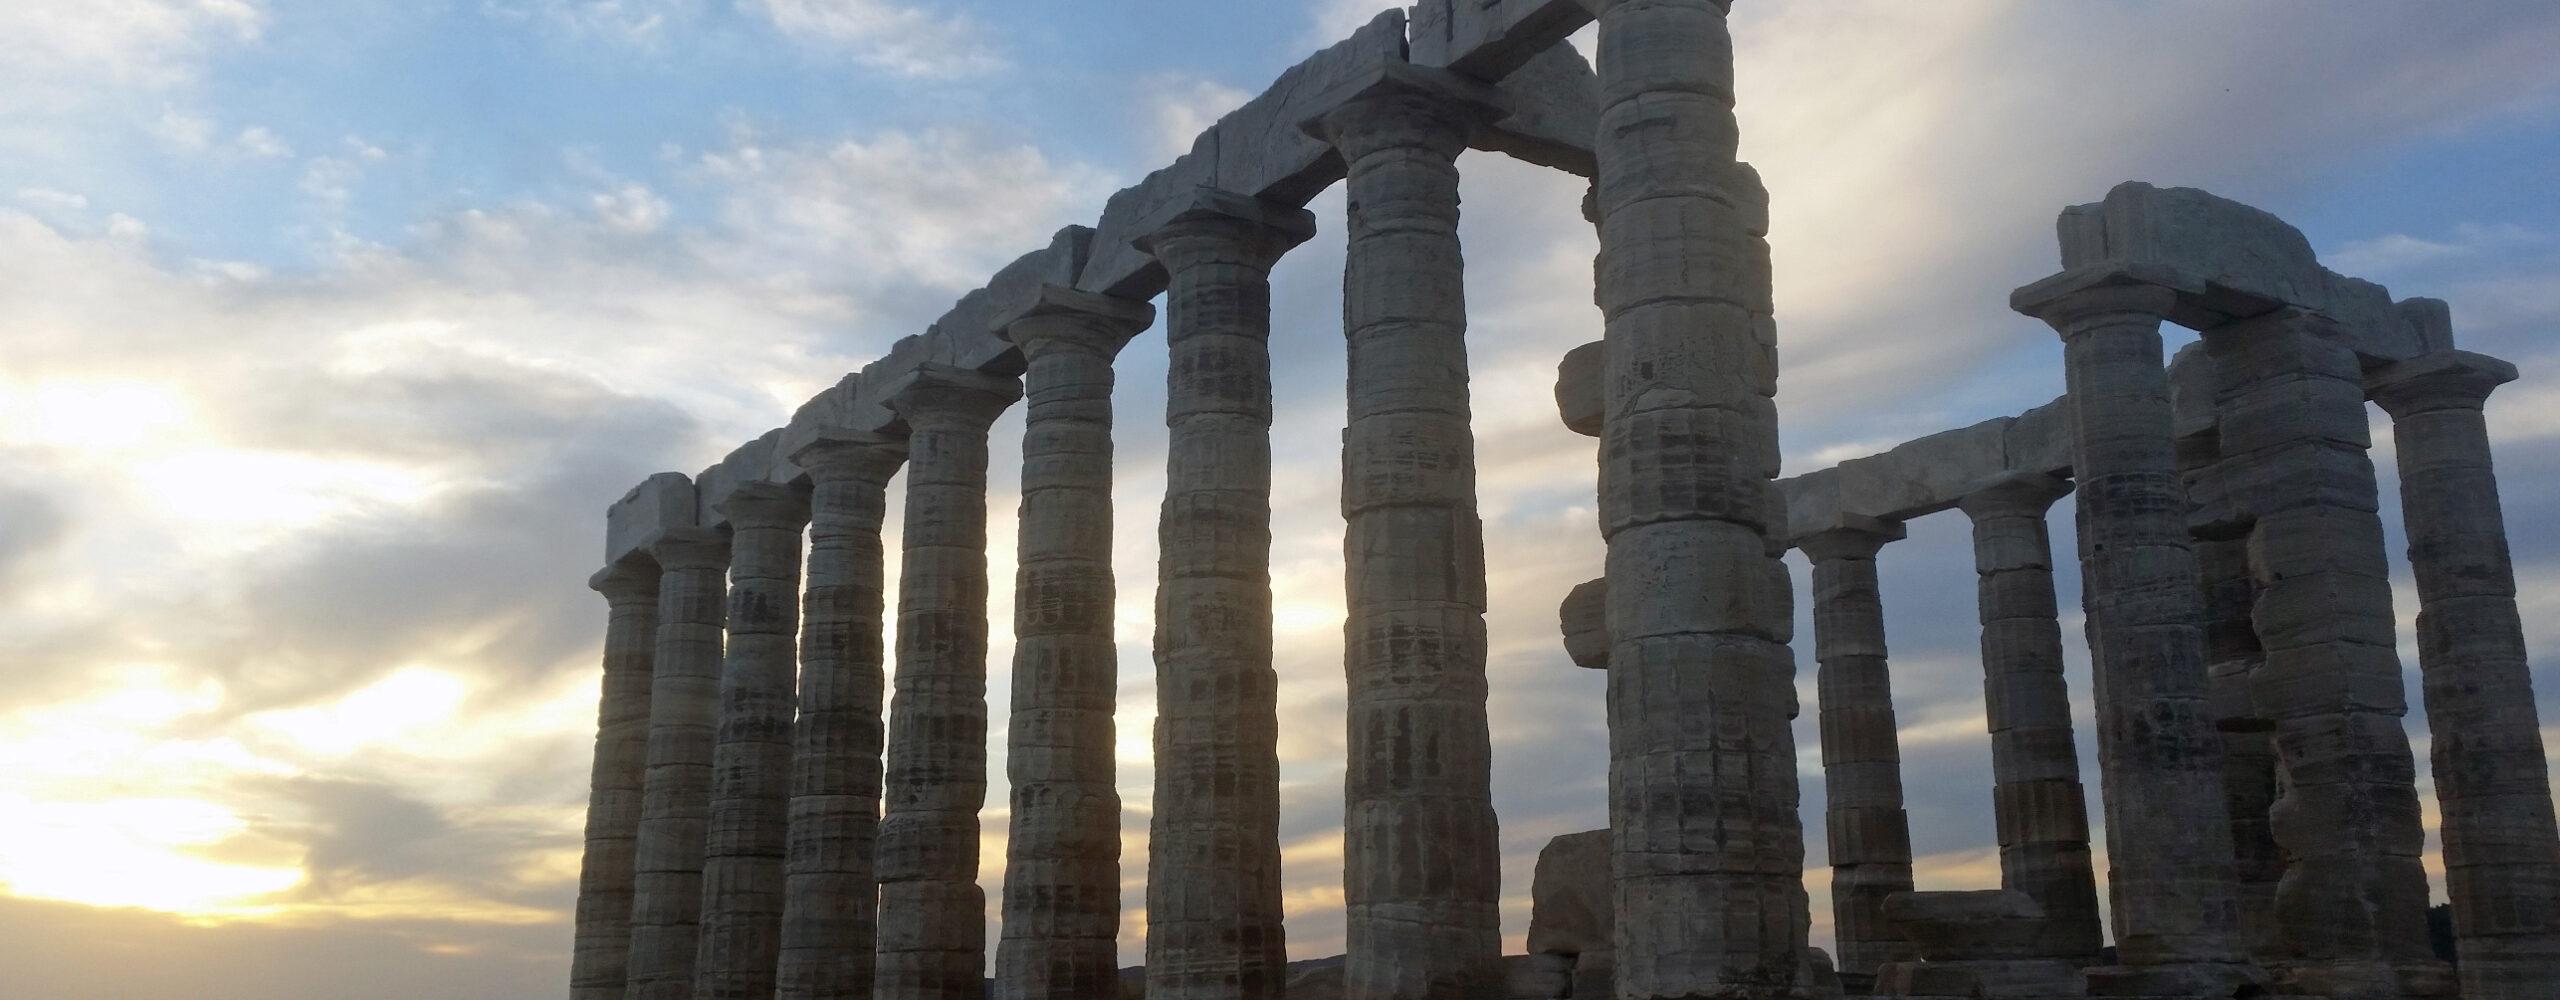 Храм Посейдона намысе Сунион